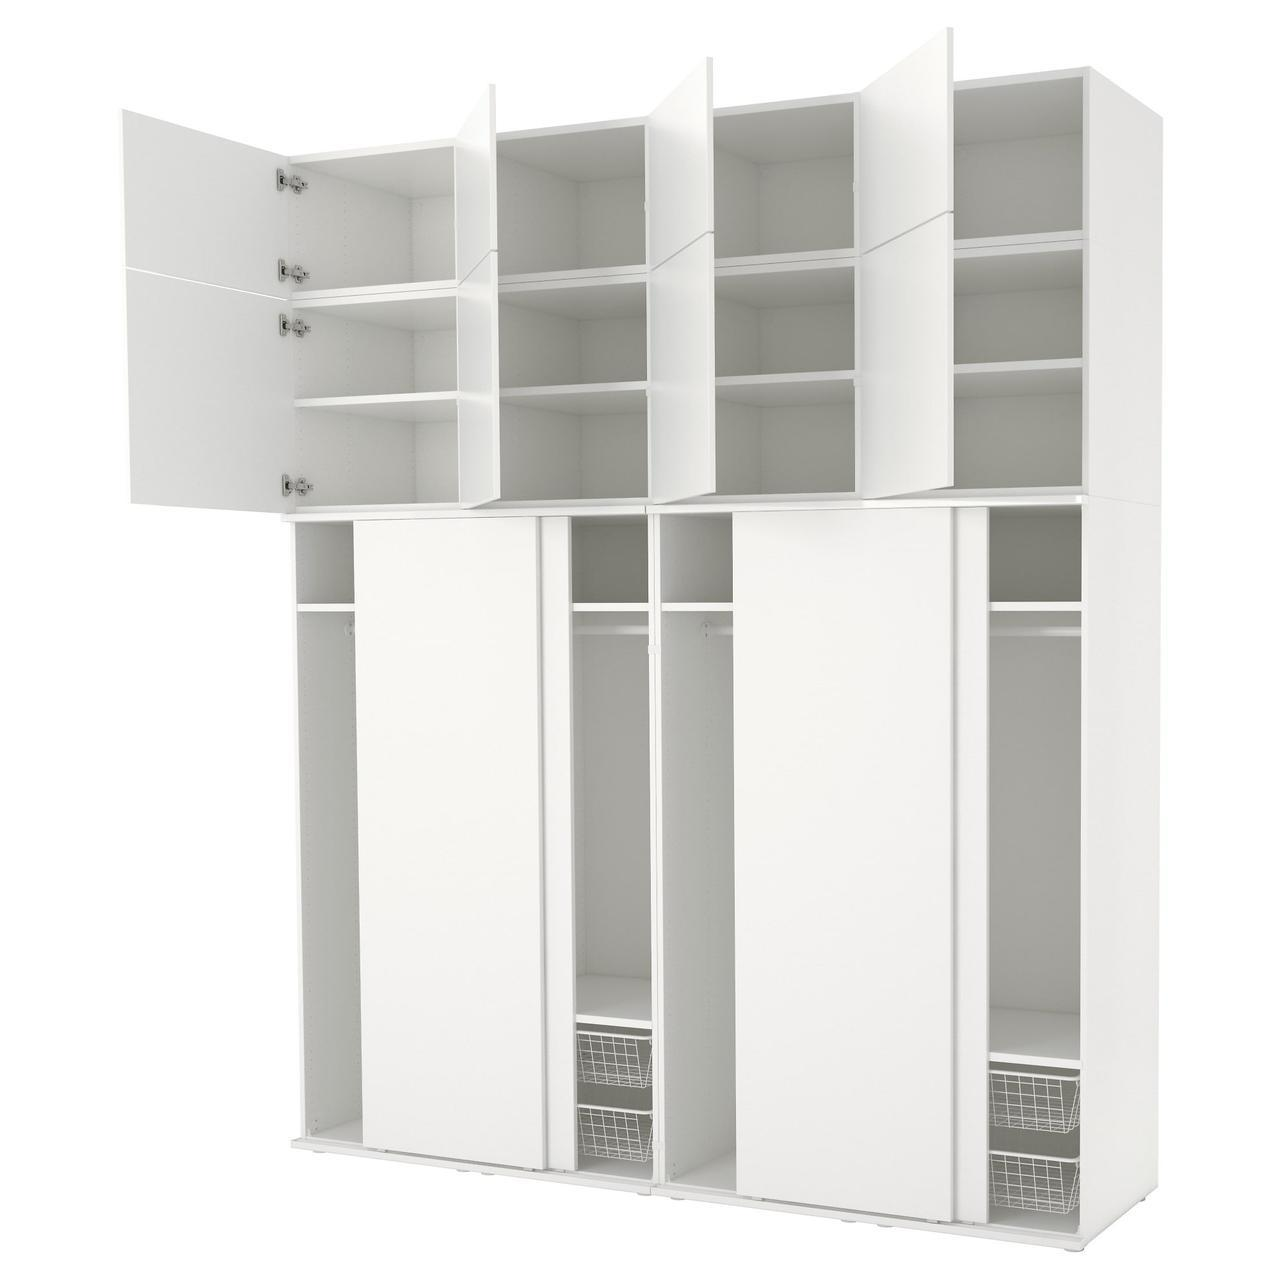 IKEAATSA (592.486.26) Шкаф/гардероб, белый, белый белый